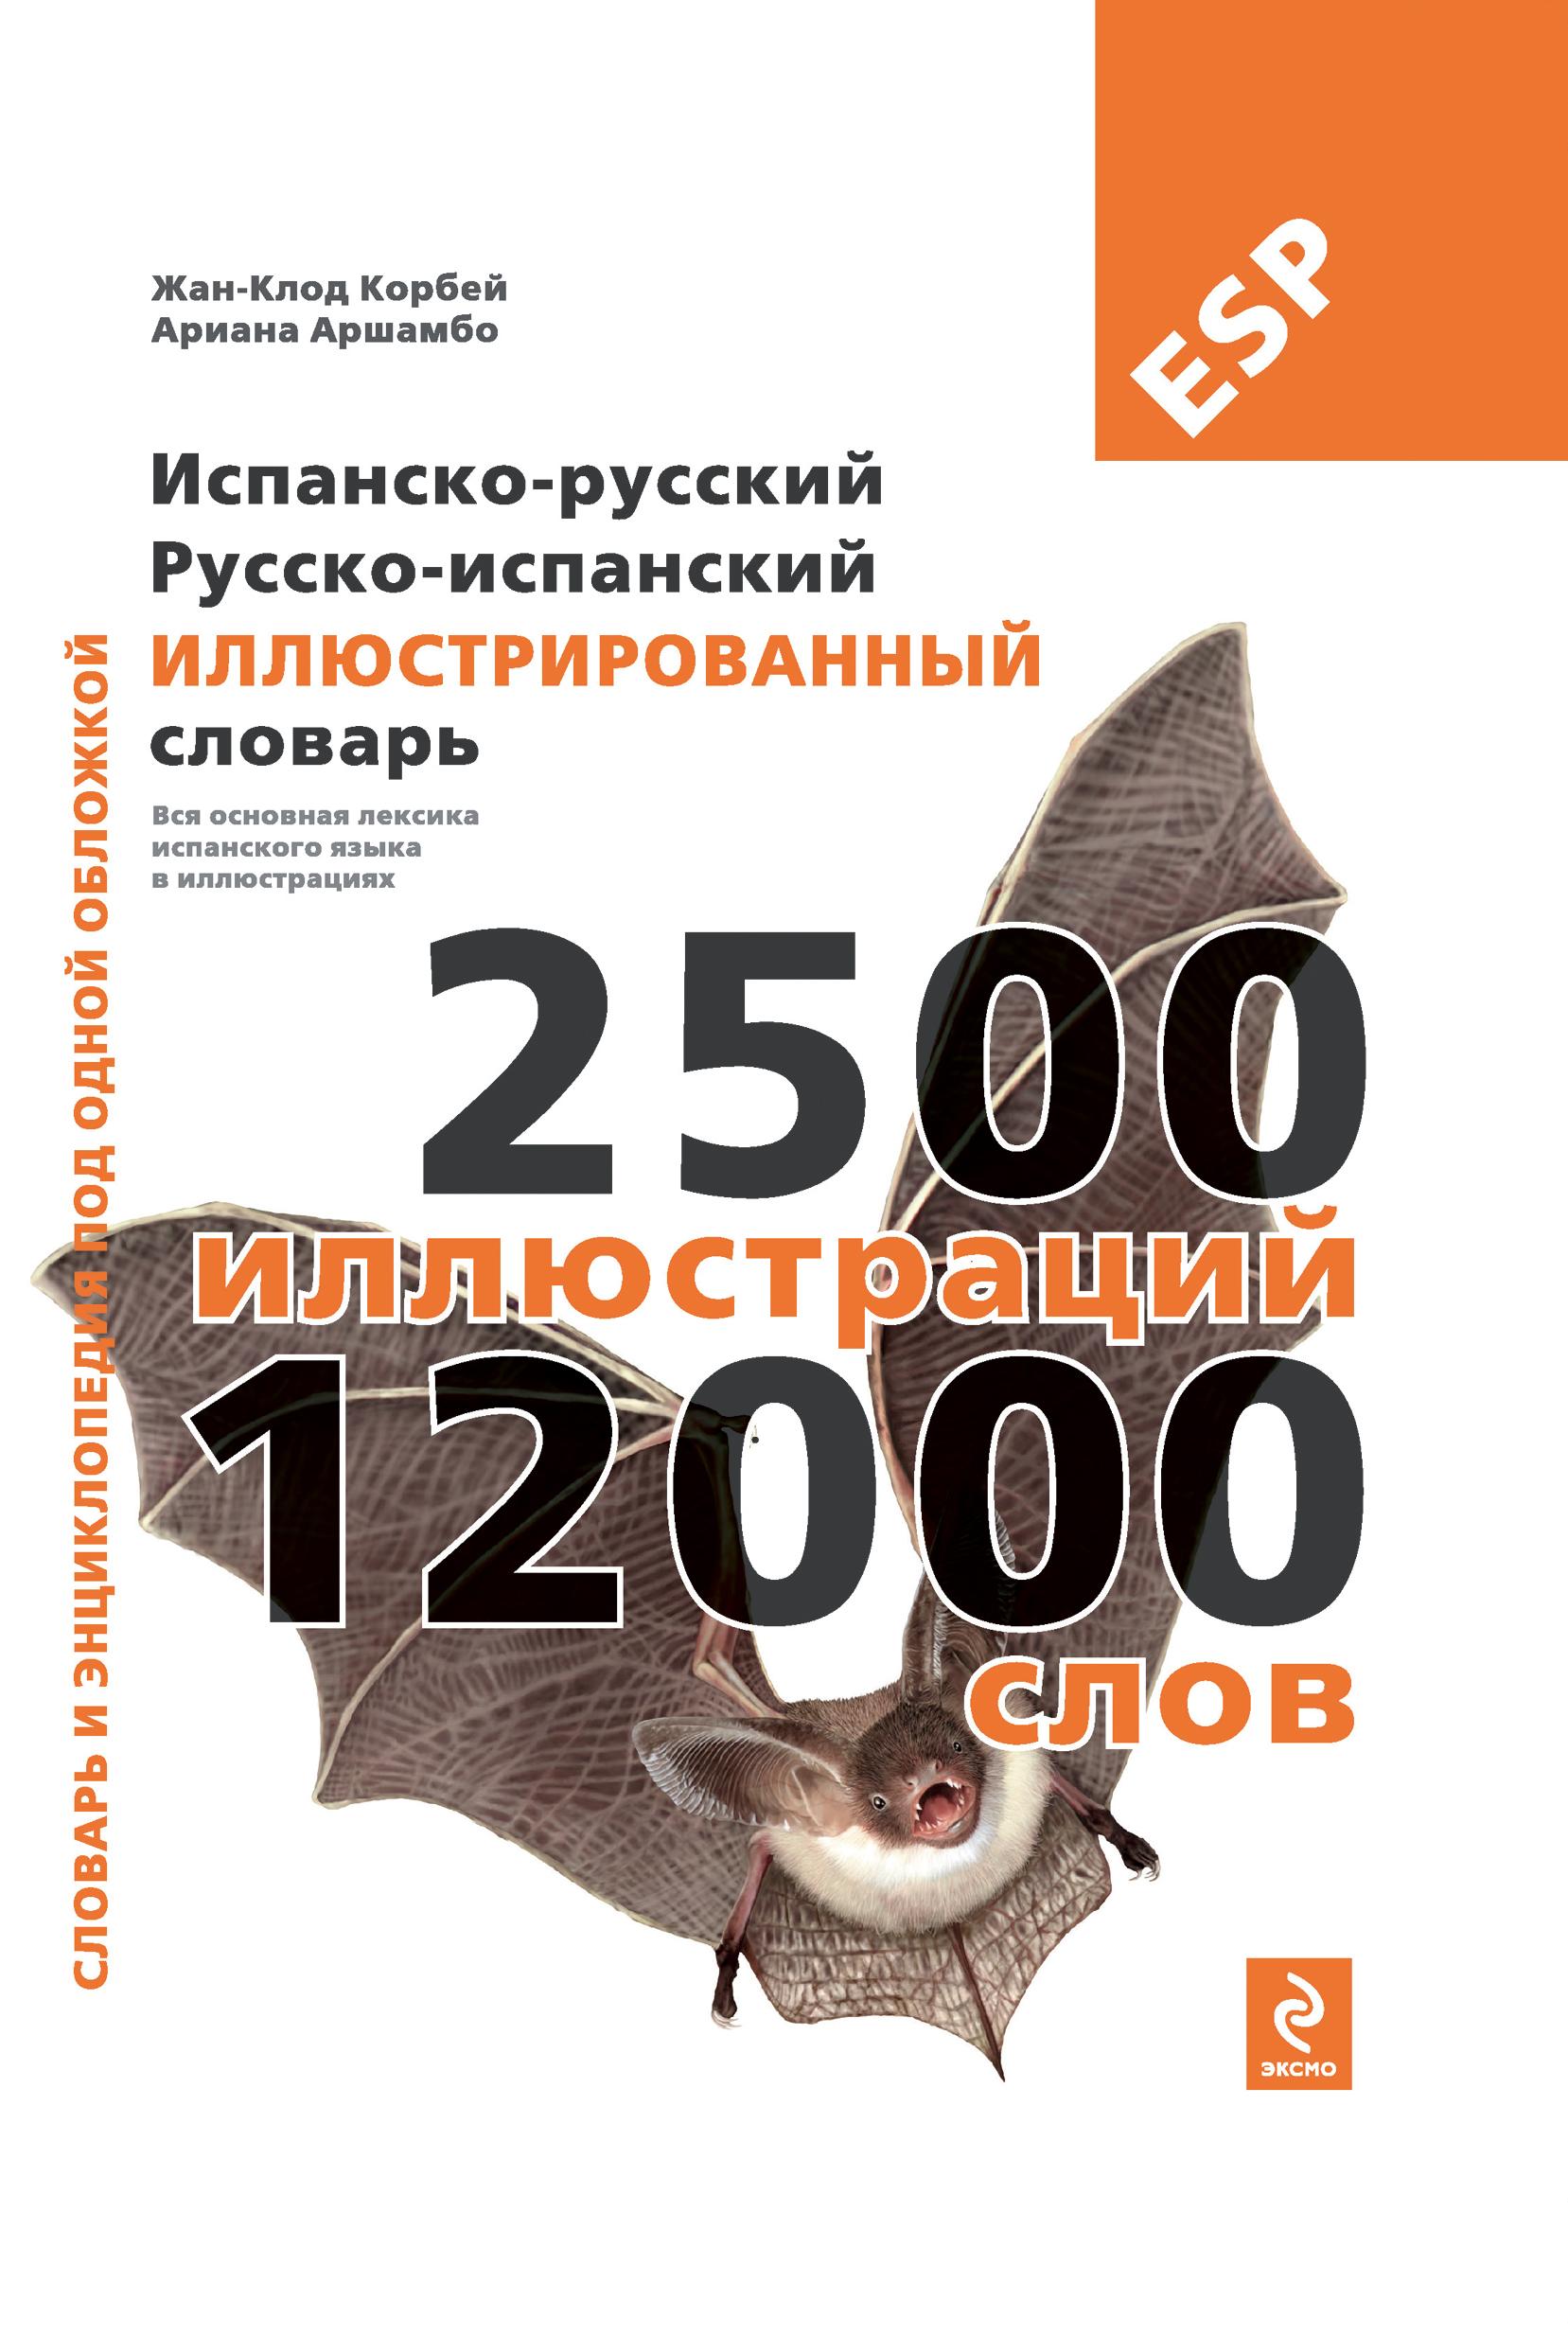 Жан-Клод Корбей, Ариана Аршамбо Испанско-русский, русско-испанский иллюстрированный словарь